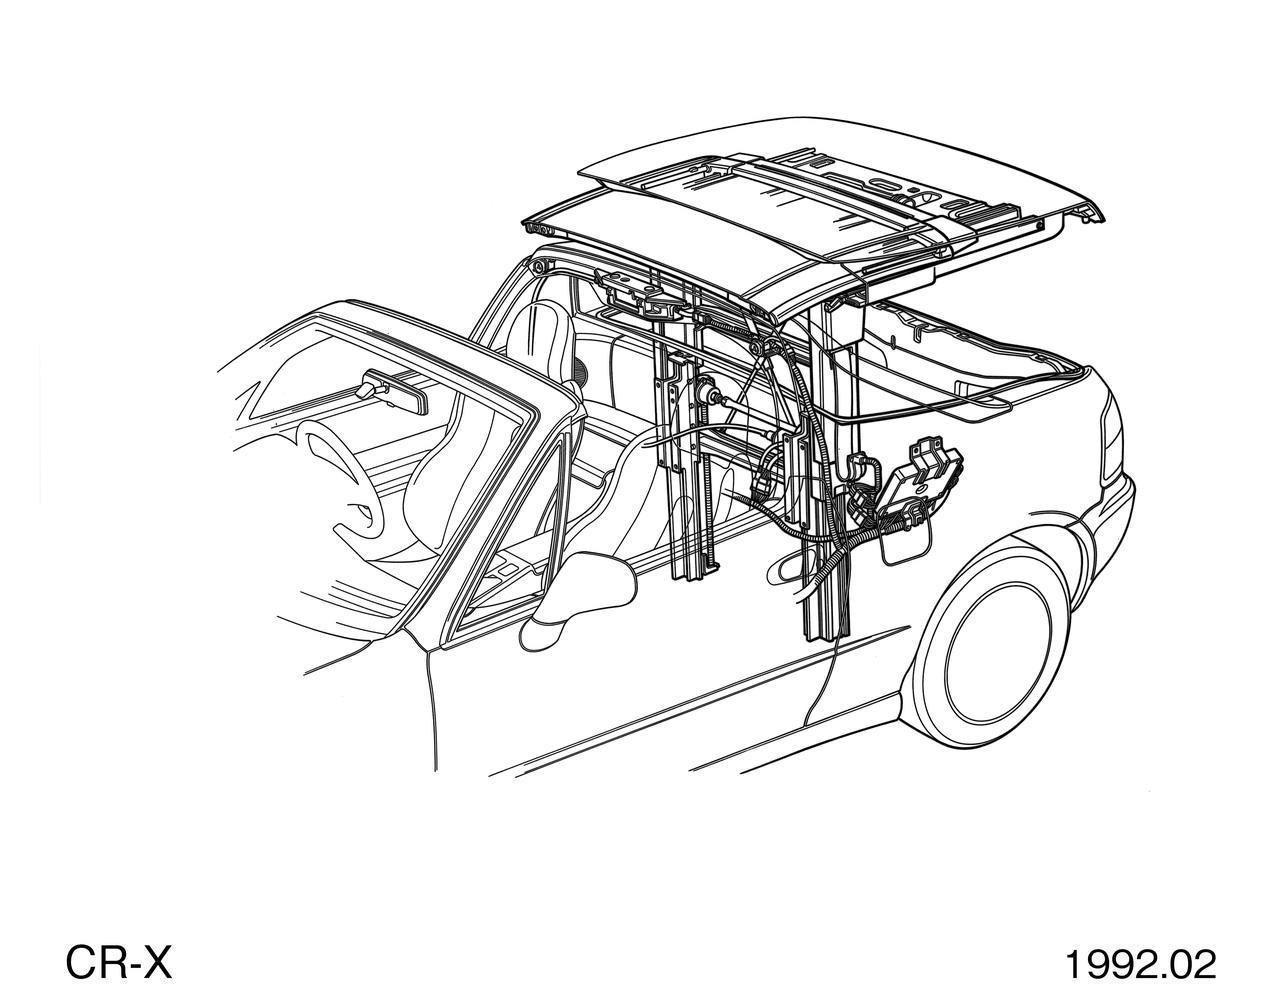 Images : 6番目の画像 - すべての画像を見る(クリックして拡大) - A Little Honda | ア・リトル・ホンダ(リトホン)